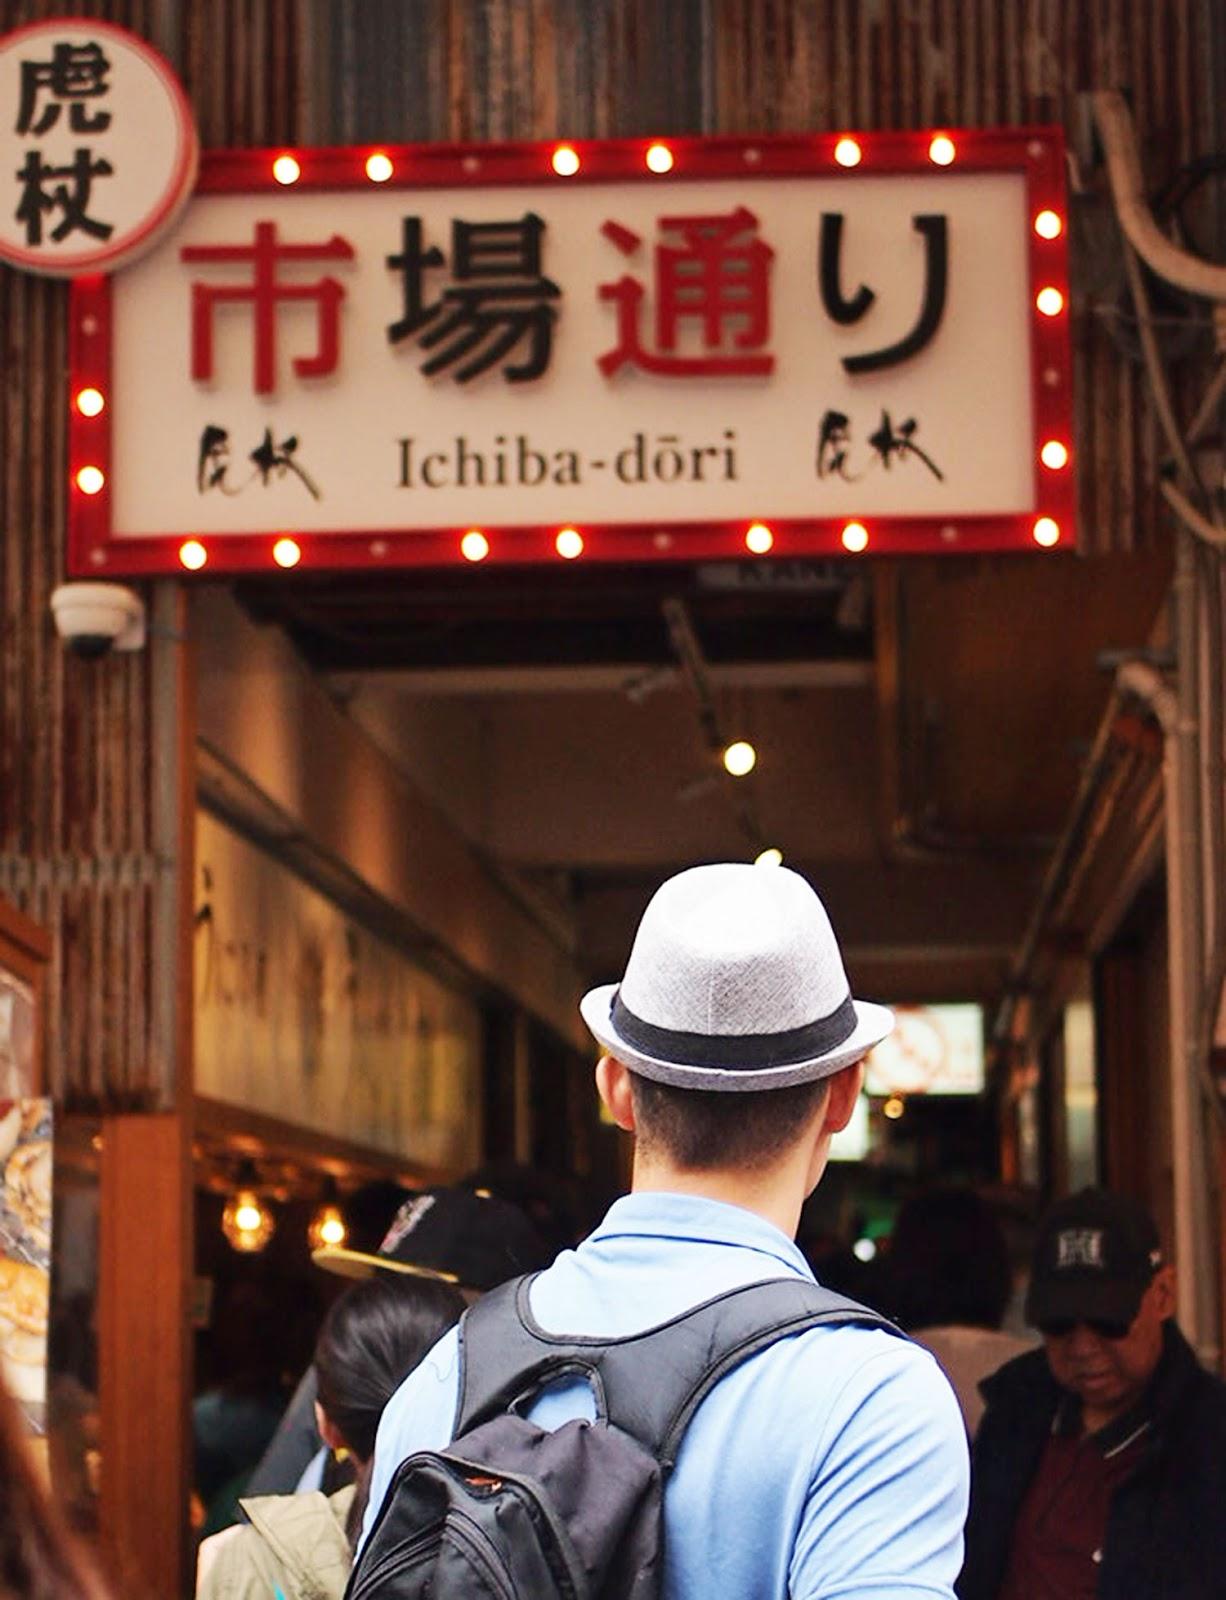 Tsukiji Market Ichiba dori